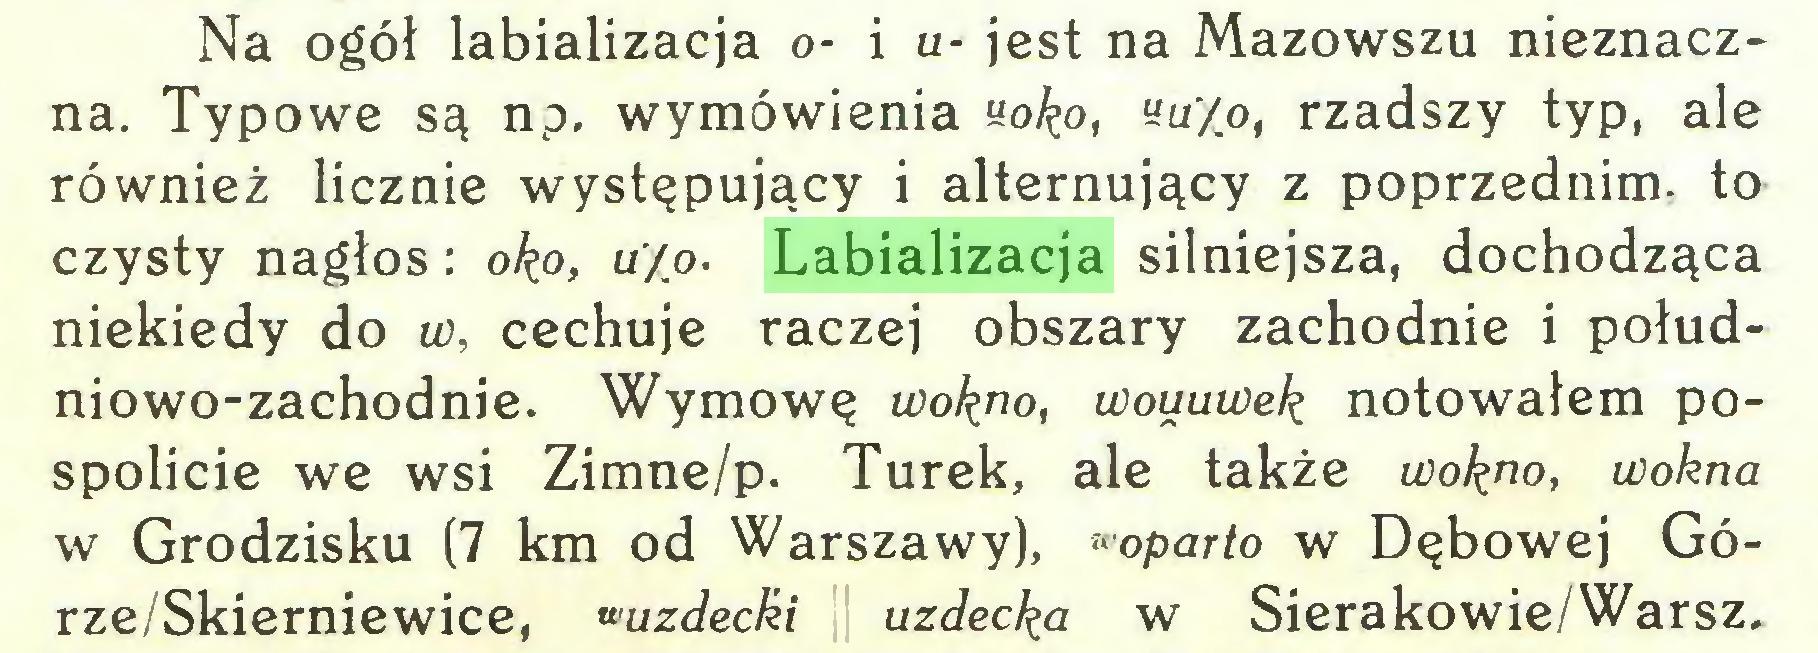 (...) Na ogół labializacja o- i u- jest na Mazowszu nieznaczna. Typowe są np. wymówienia yo£o, «u/o, rzadszy typ, ale również licznie występujący i alternujący z poprzednim, to czysty nagłos: oko, u/o. Labializacja silniejsza, dochodząca niekiedy do w, cechuje raczej obszary zachodnie i południowo-zachodnie. Wymowę wokno, wouuwek notowałem pospolicie we wsi Zimne/p. Turek, ale także wok^o, wokna w Grodzisku (7 km od Warszawy), «oparło w Dębowej Górze/Skierniewice, wuzdeclźi uzdecka w Sierakowie/Warsz...